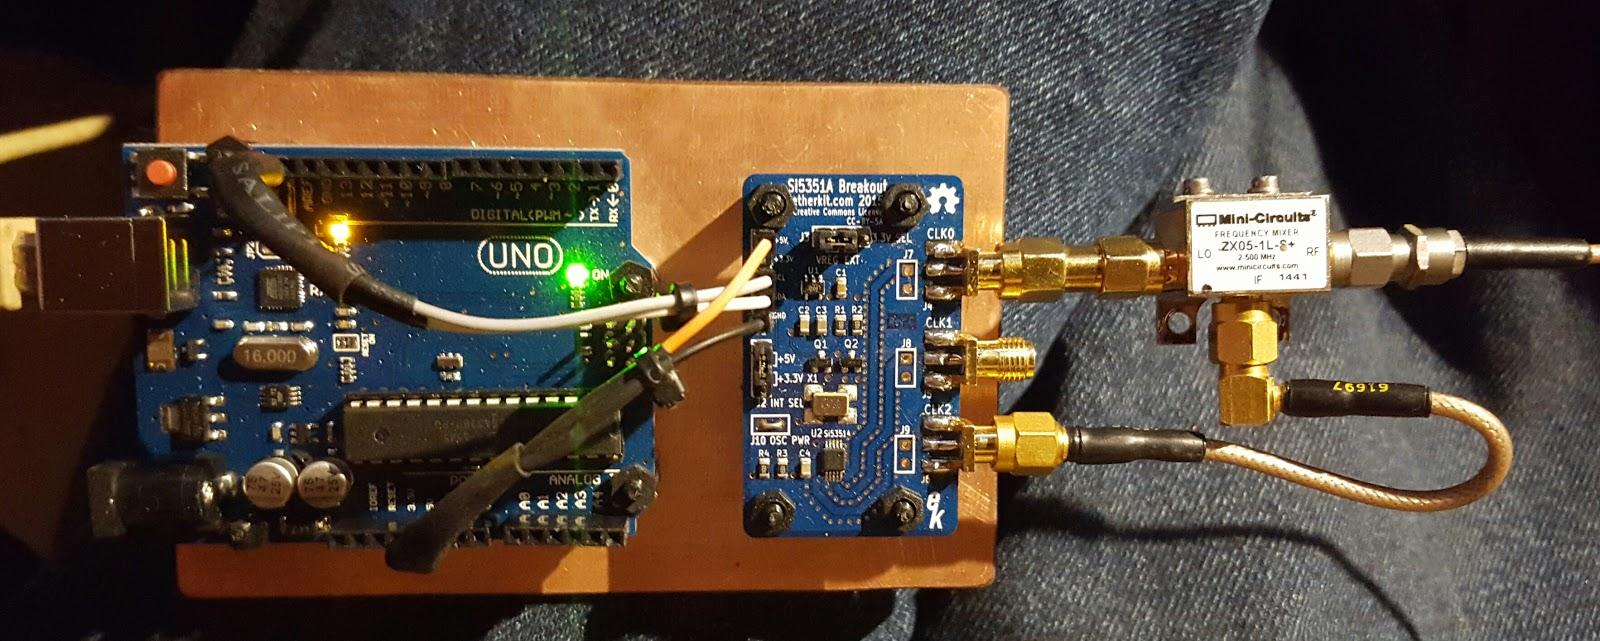 Ko dx arduino uno si a breakout as mhz cw beacon